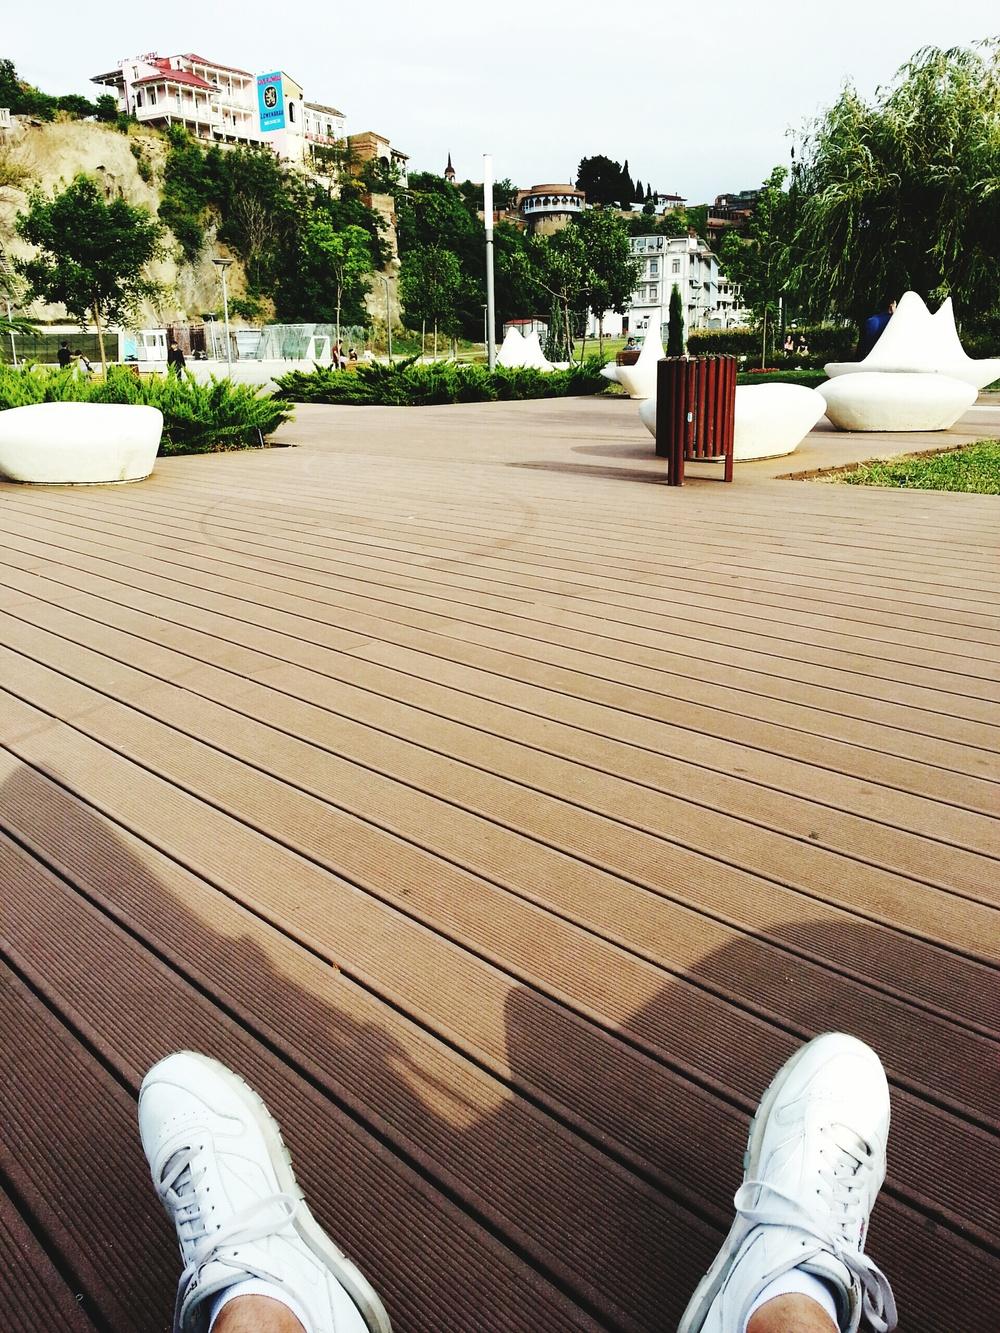 Relaxing in Rike Park...